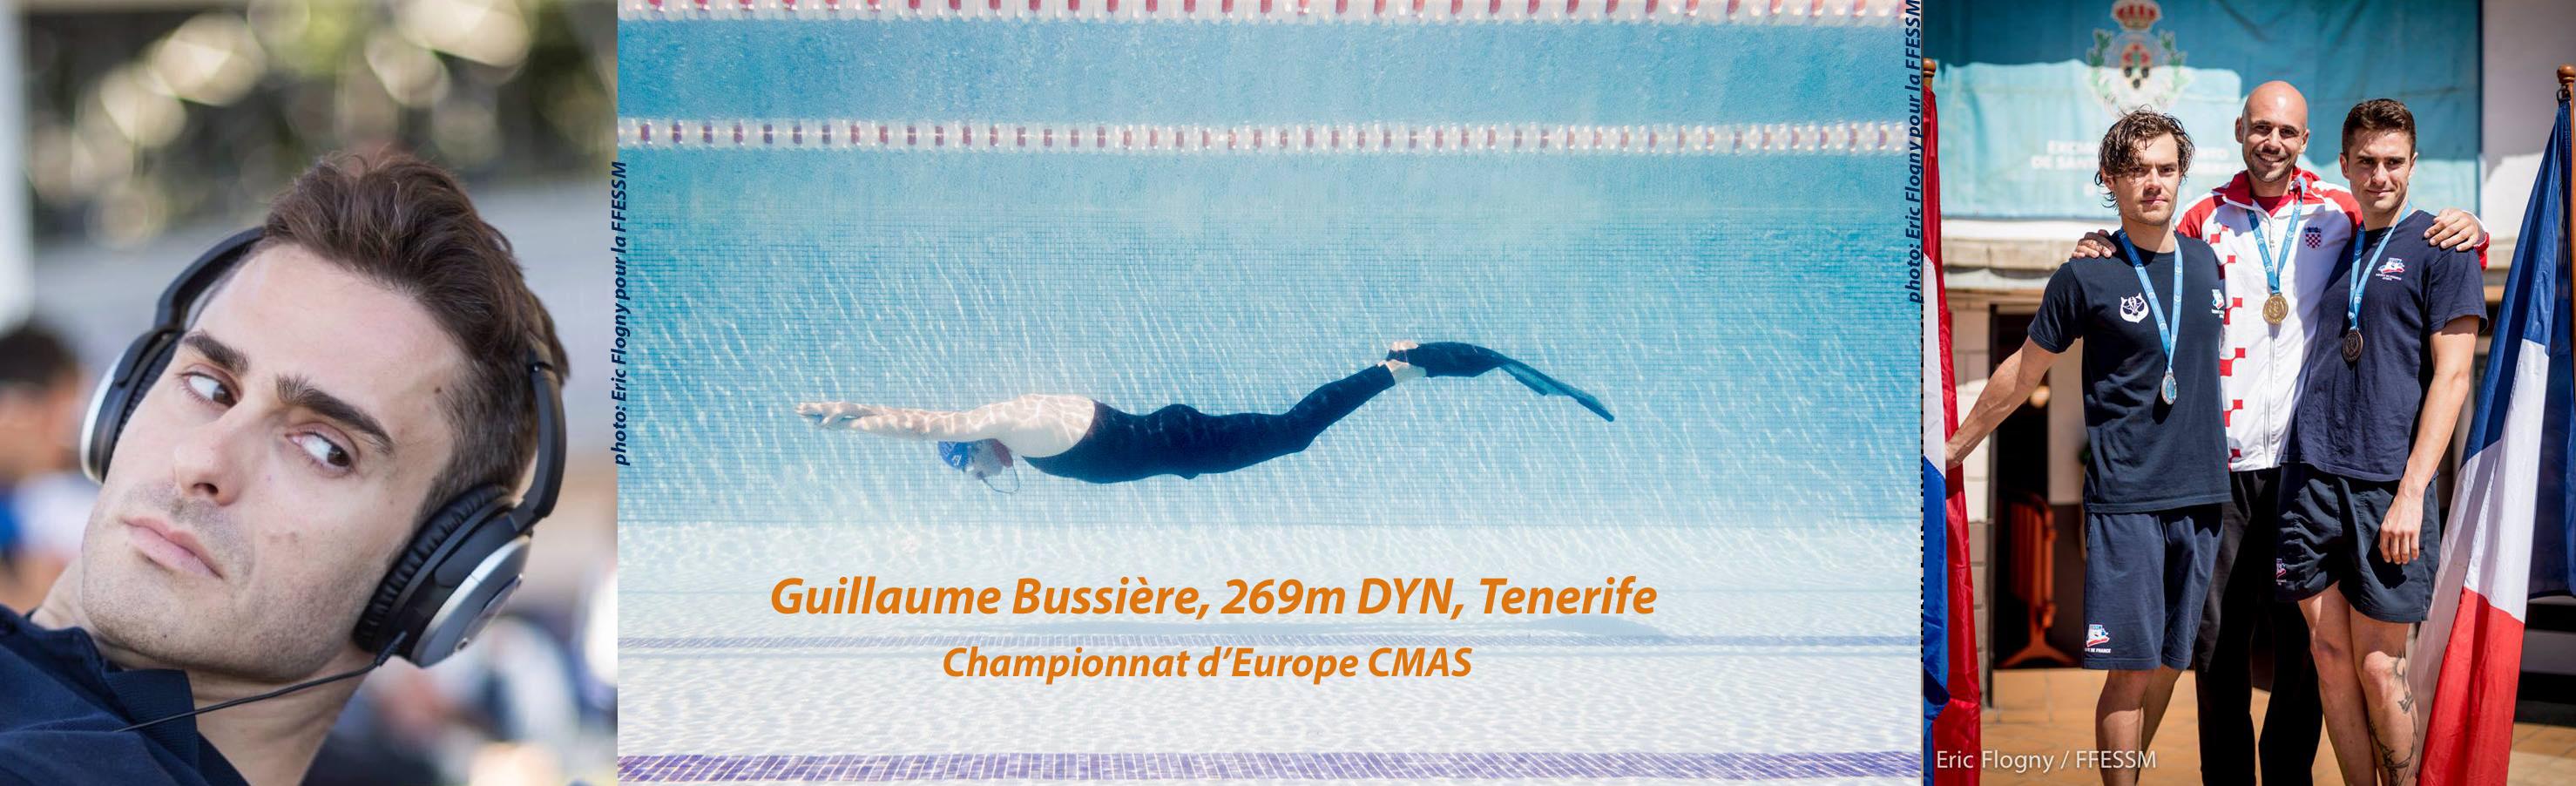 Guillaume Bussière 269m DYN (PB), médaille de bronze Europe CMAS photos : Eric Flogny pour la FFESSM montage : France Apnée